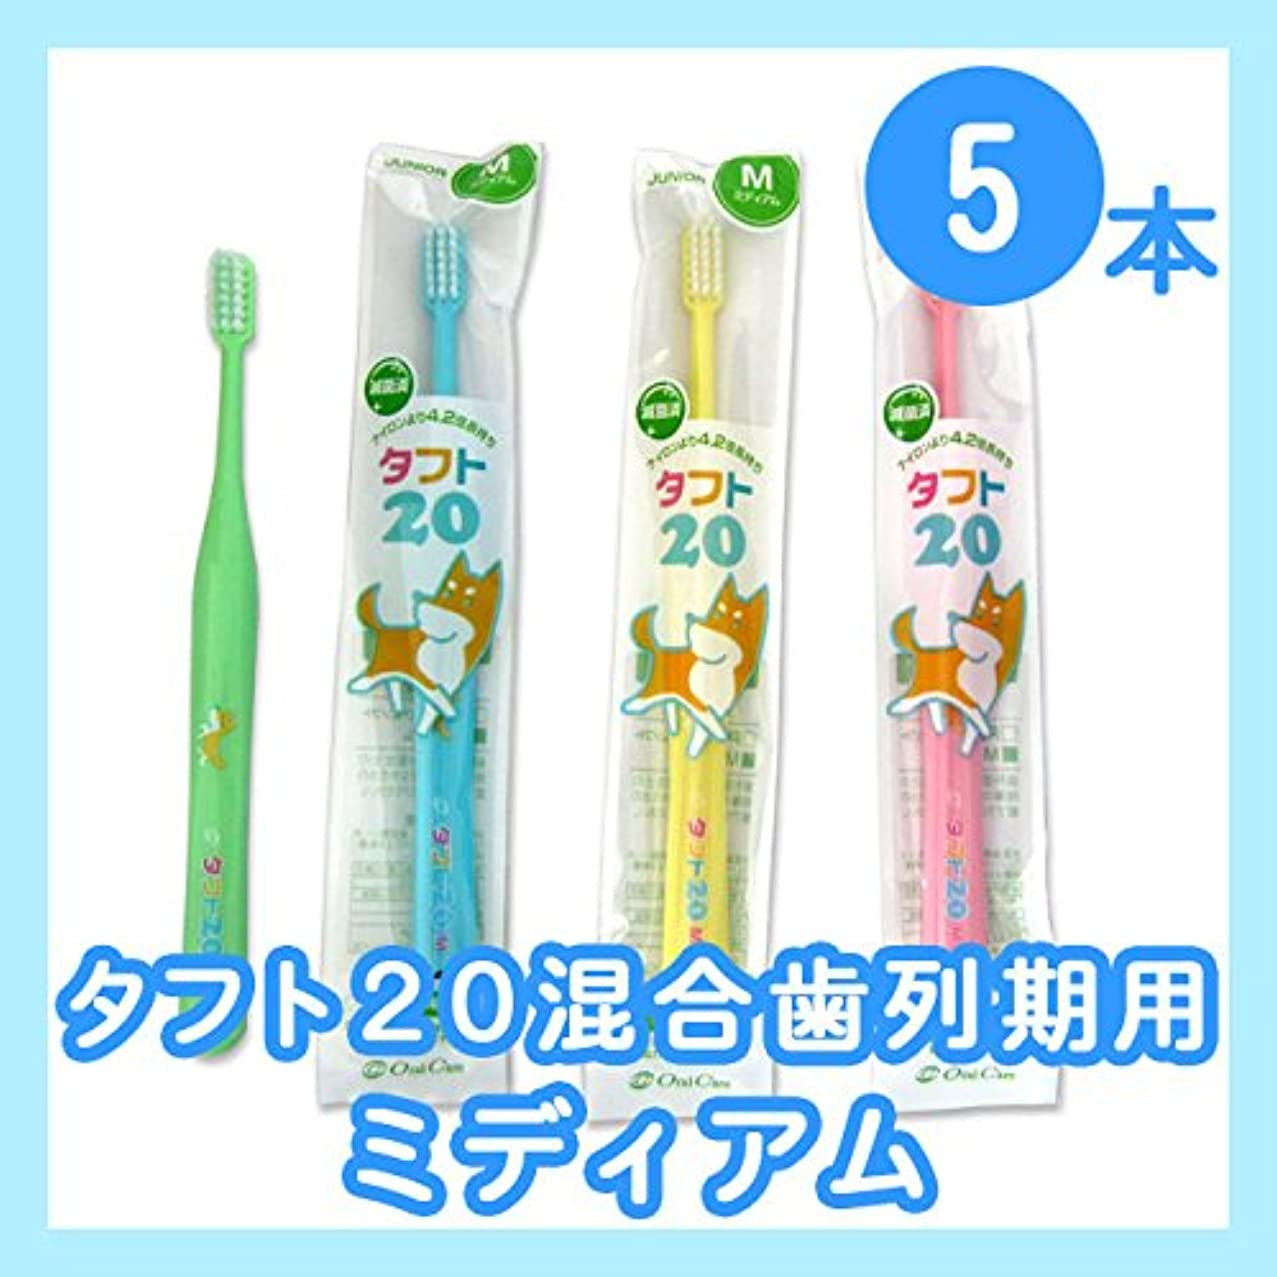 タフト20 5本 オーラルケア タフト20/ミディアム 混合歯列期用(6~12歳)こども歯ブラシ 5本セット 子供 歯ブラシ【 ブルー